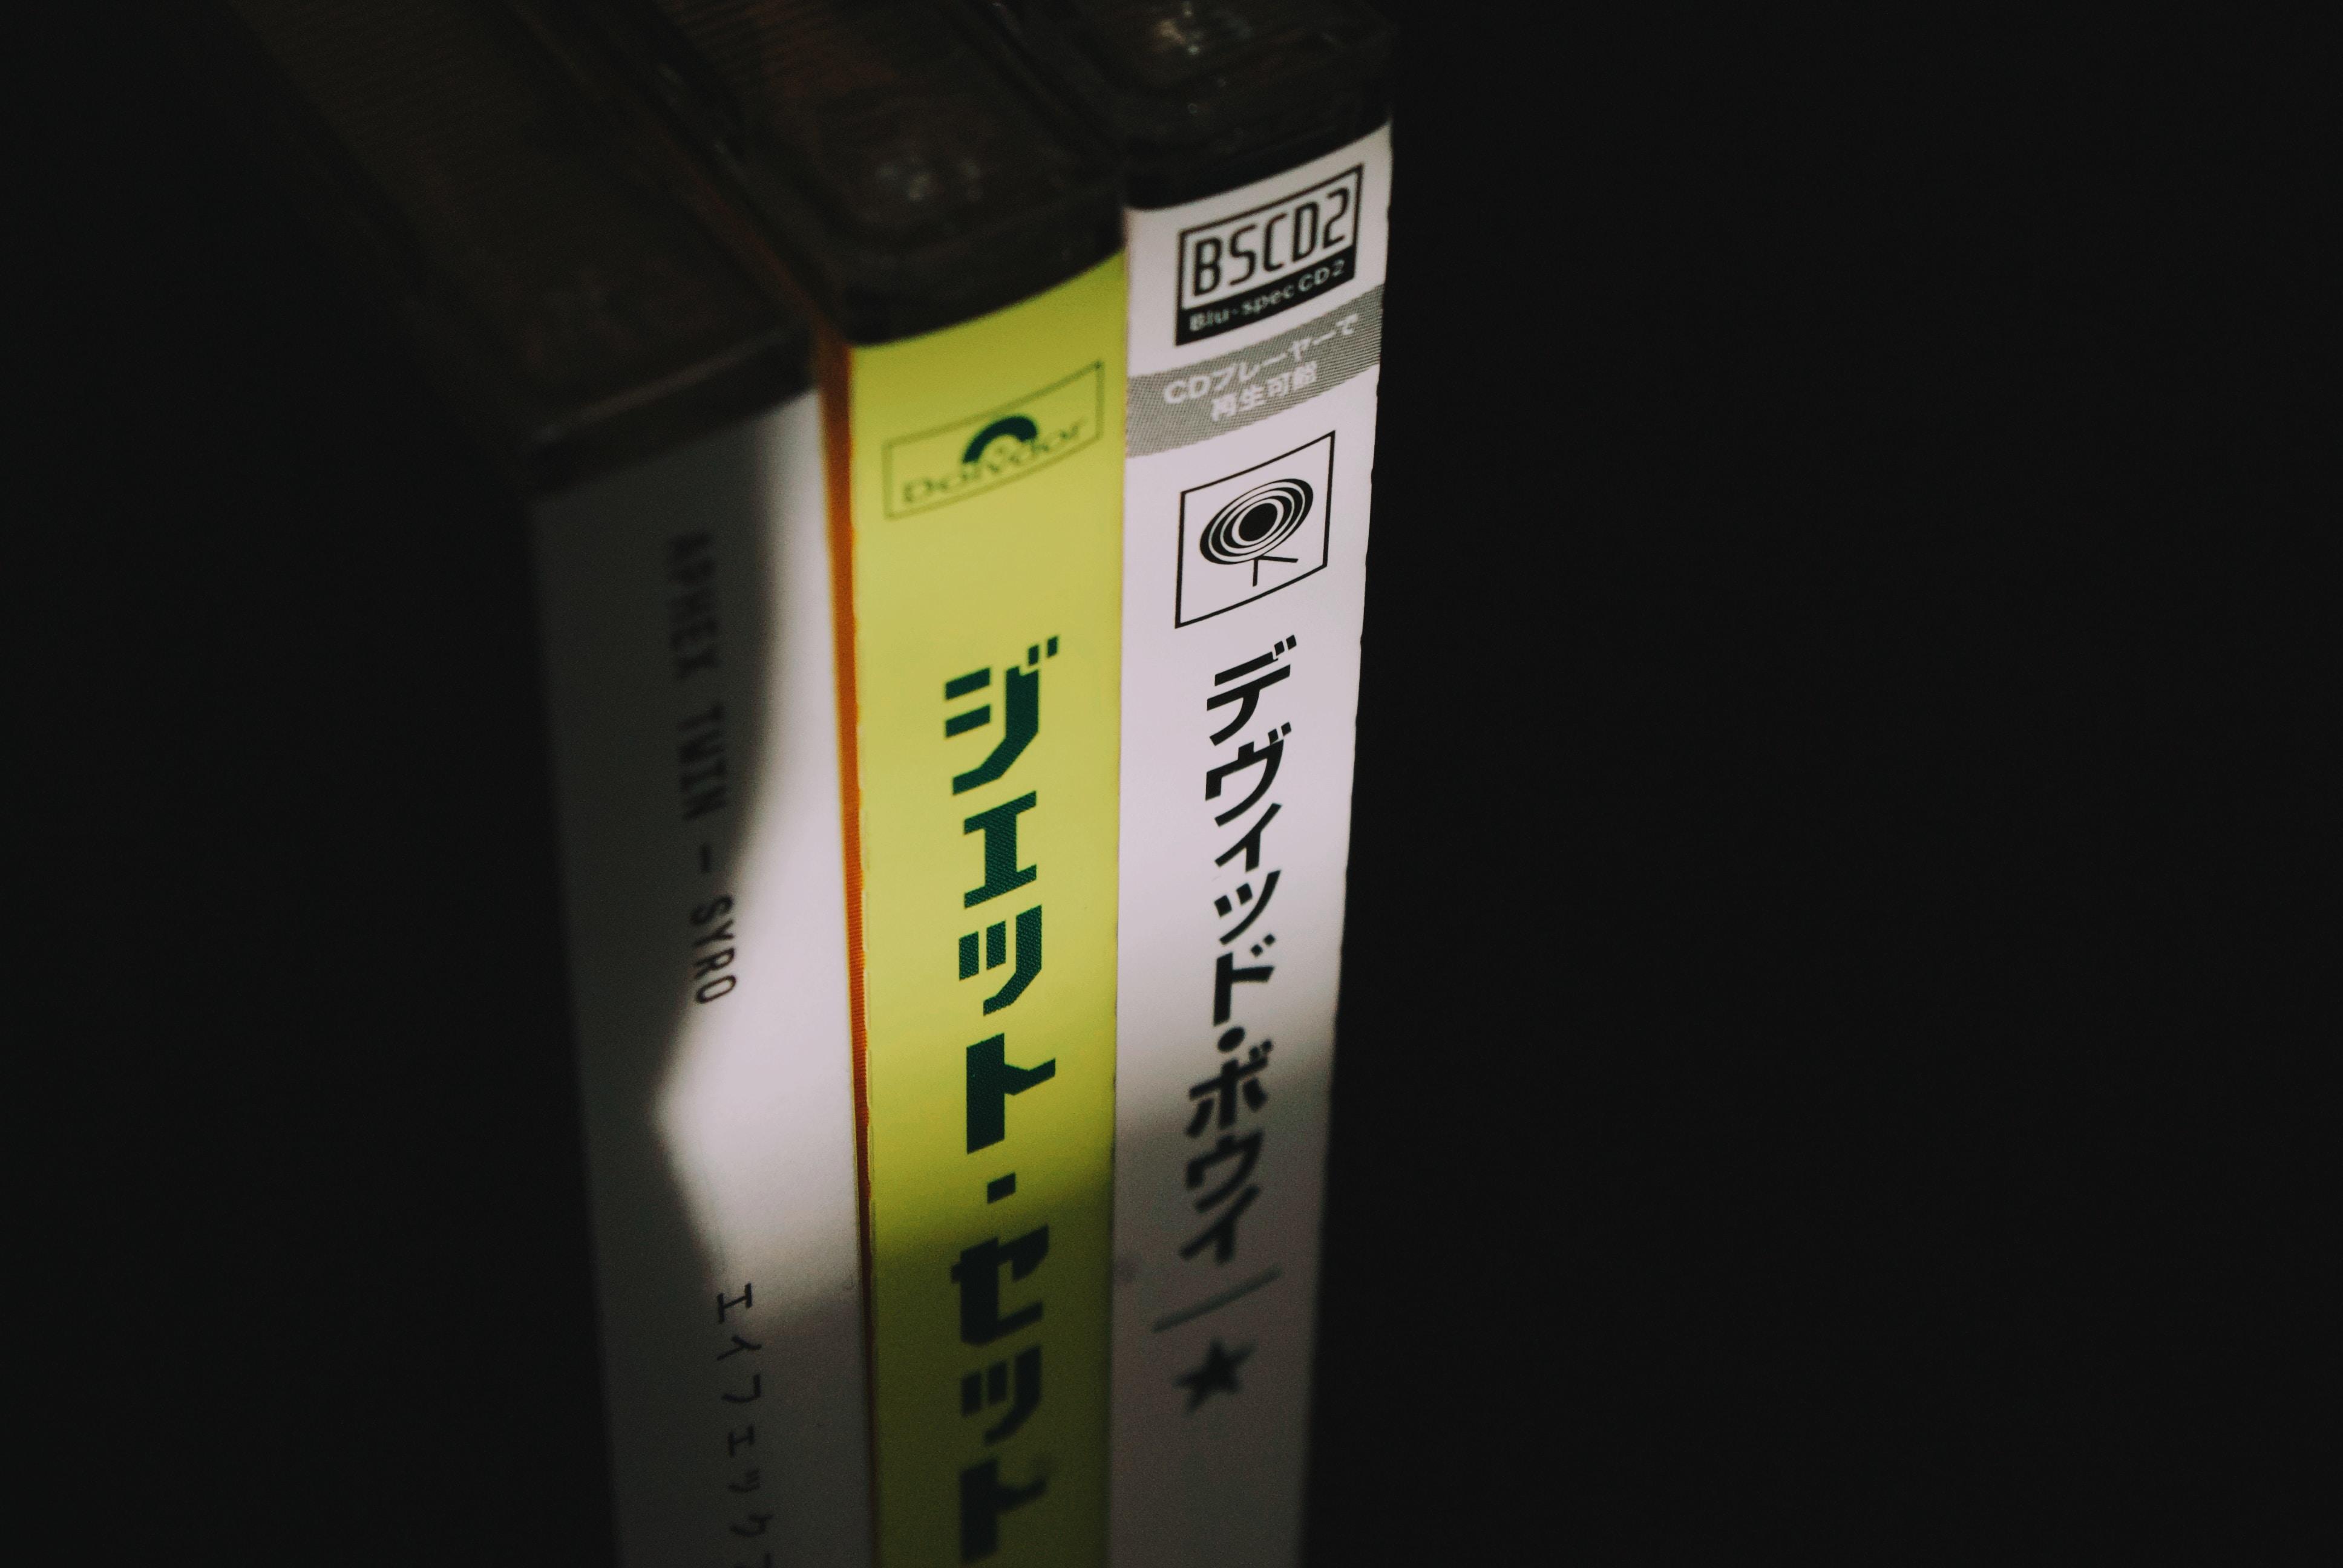 kanji script